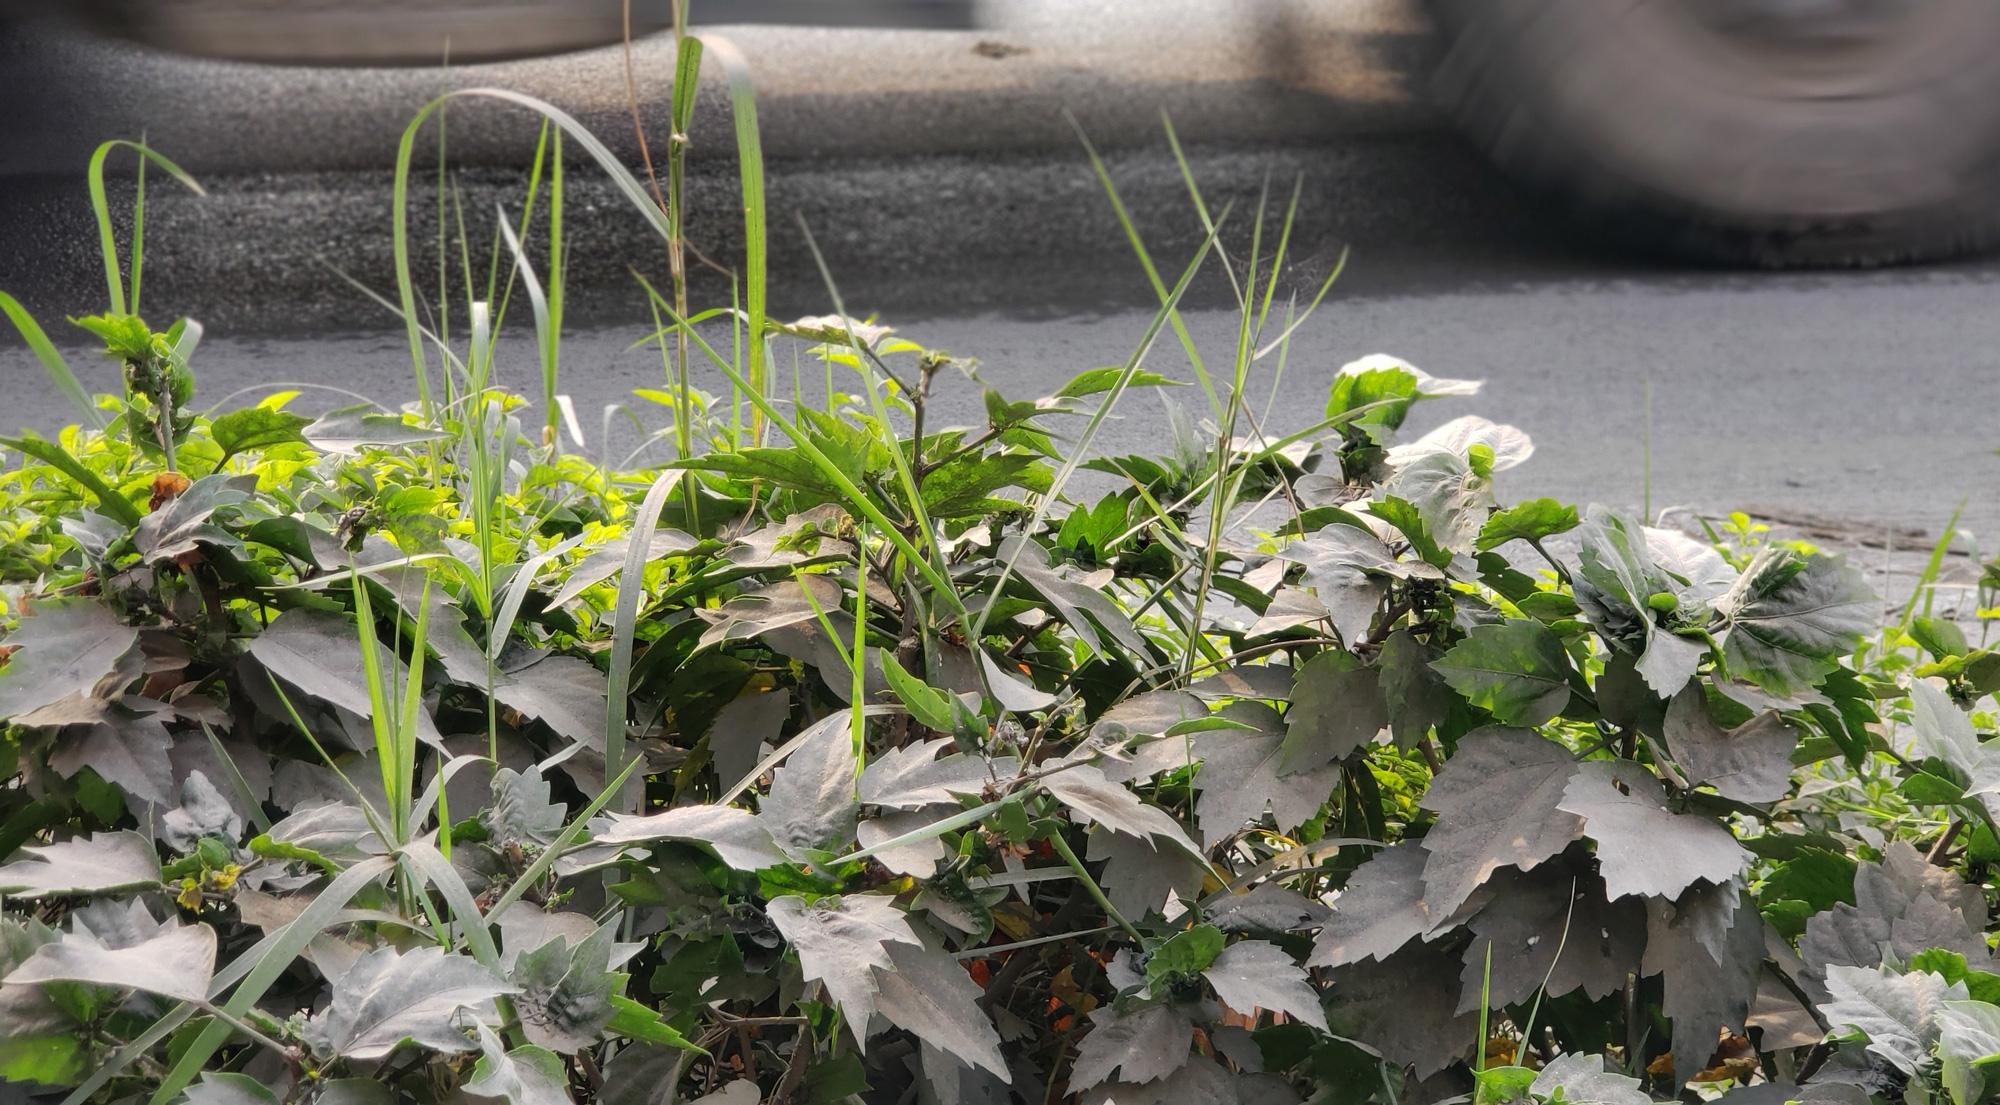 Hà Nội ô nhiễm không khí, người dân thêm khổ khi hít bụi mù mịt trên đường 70 đoạn Nhổn - Hà Đông - Ảnh 6.